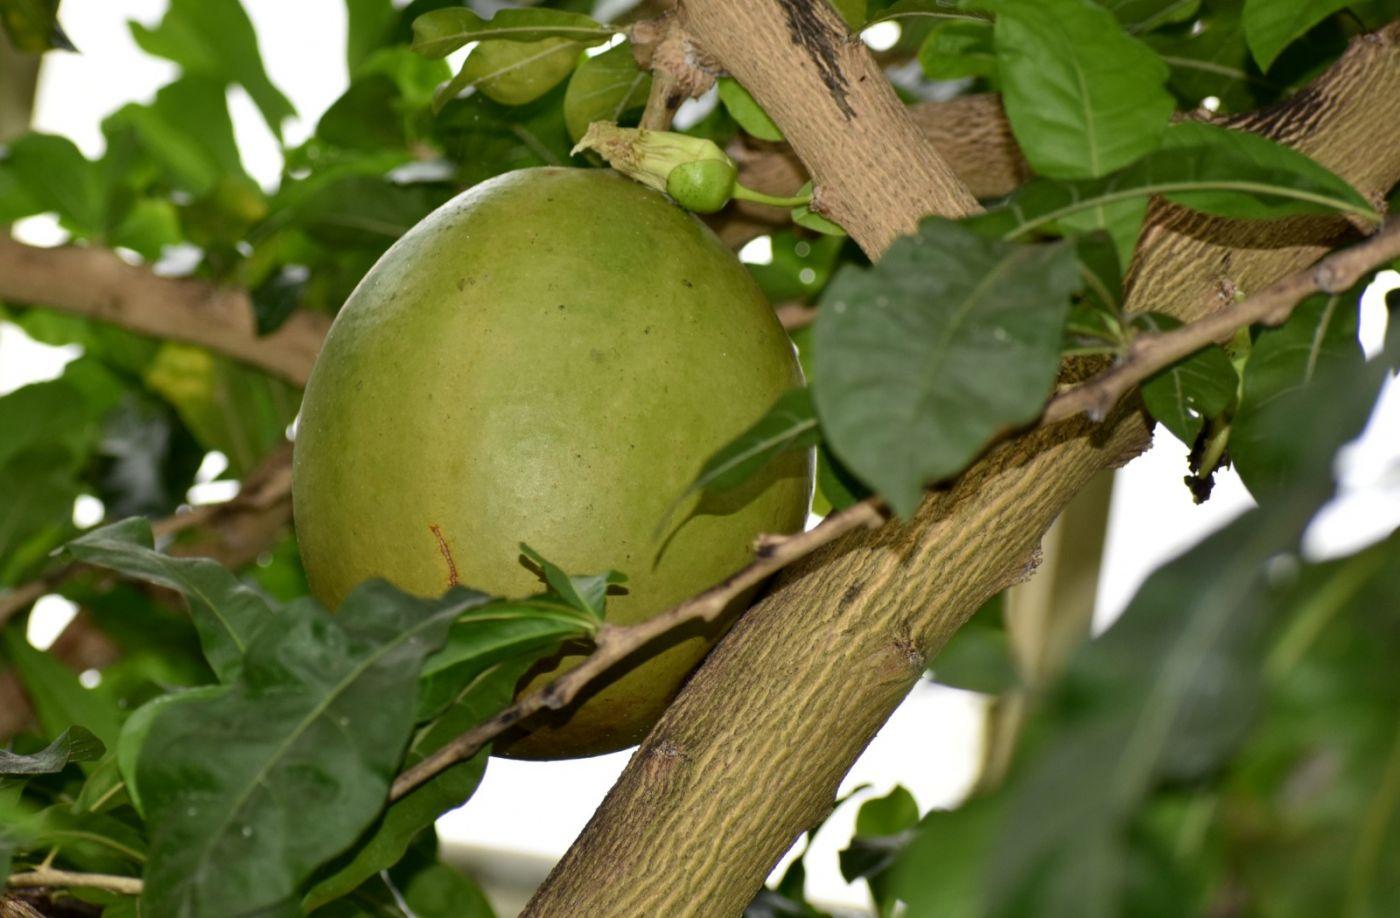 西瓜长在树上_图1-20